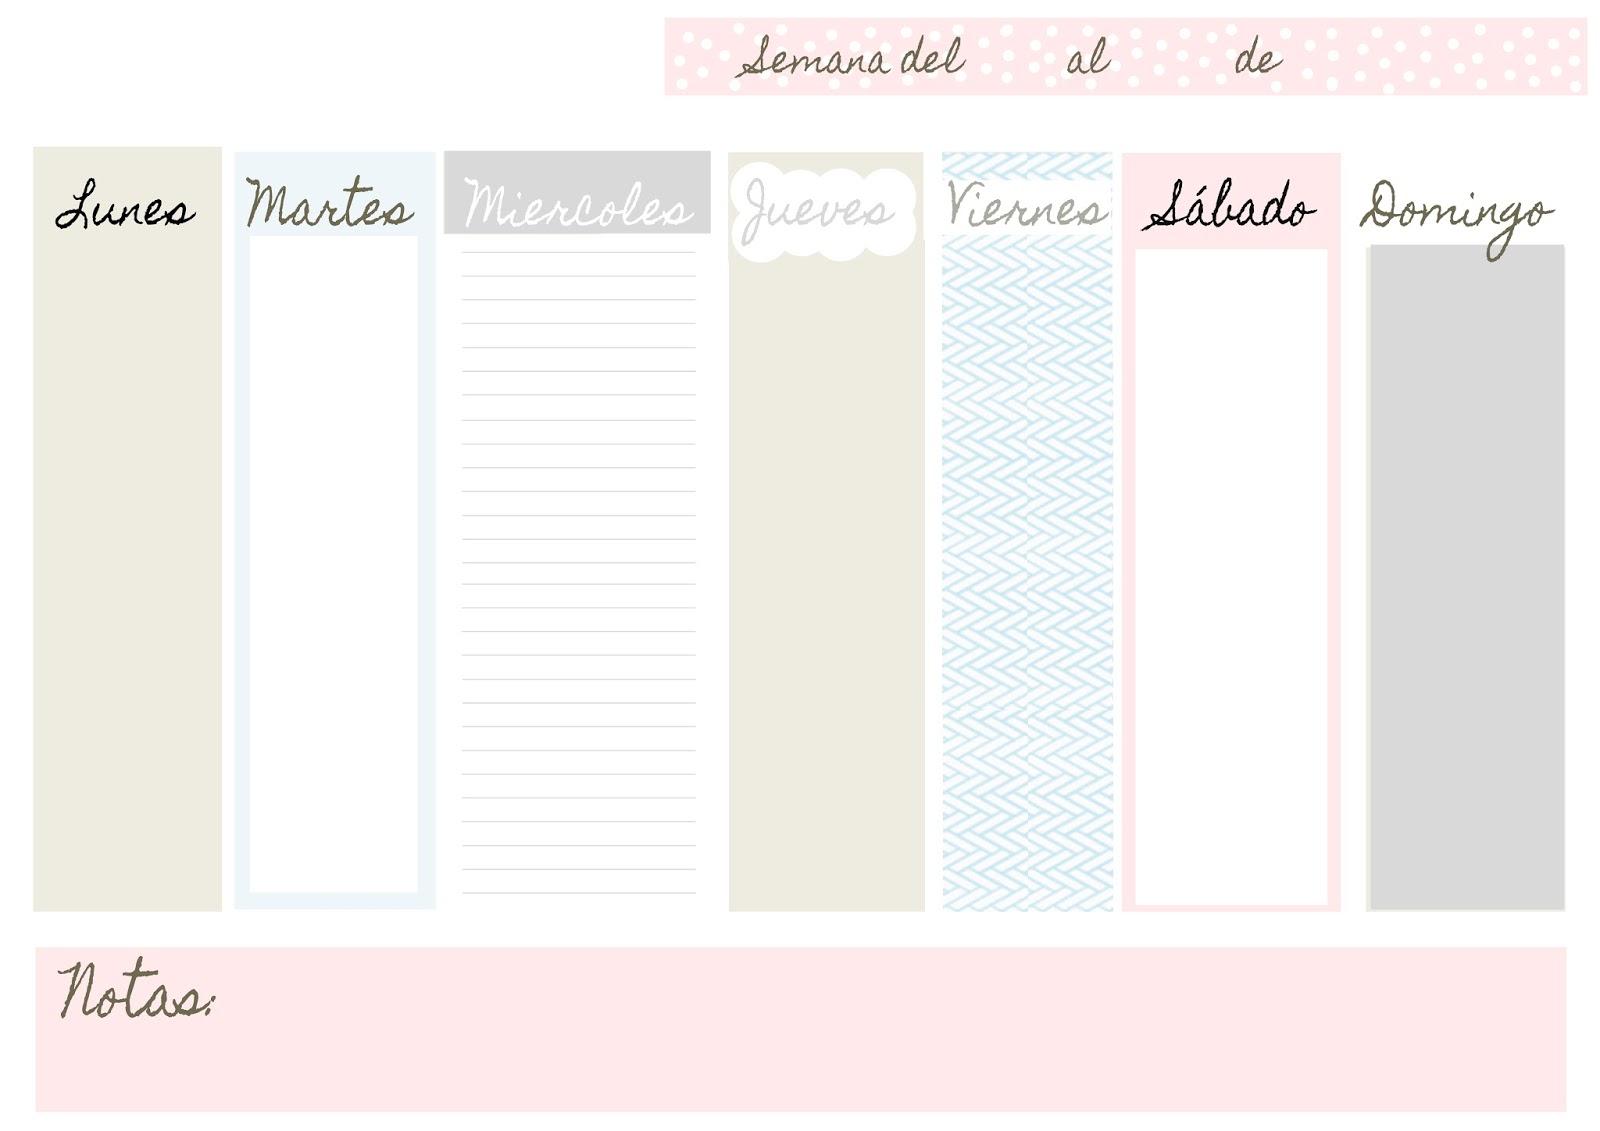 Magnífico Planificador Semanal Plantilla 2014 Ideas - Ejemplo De ...